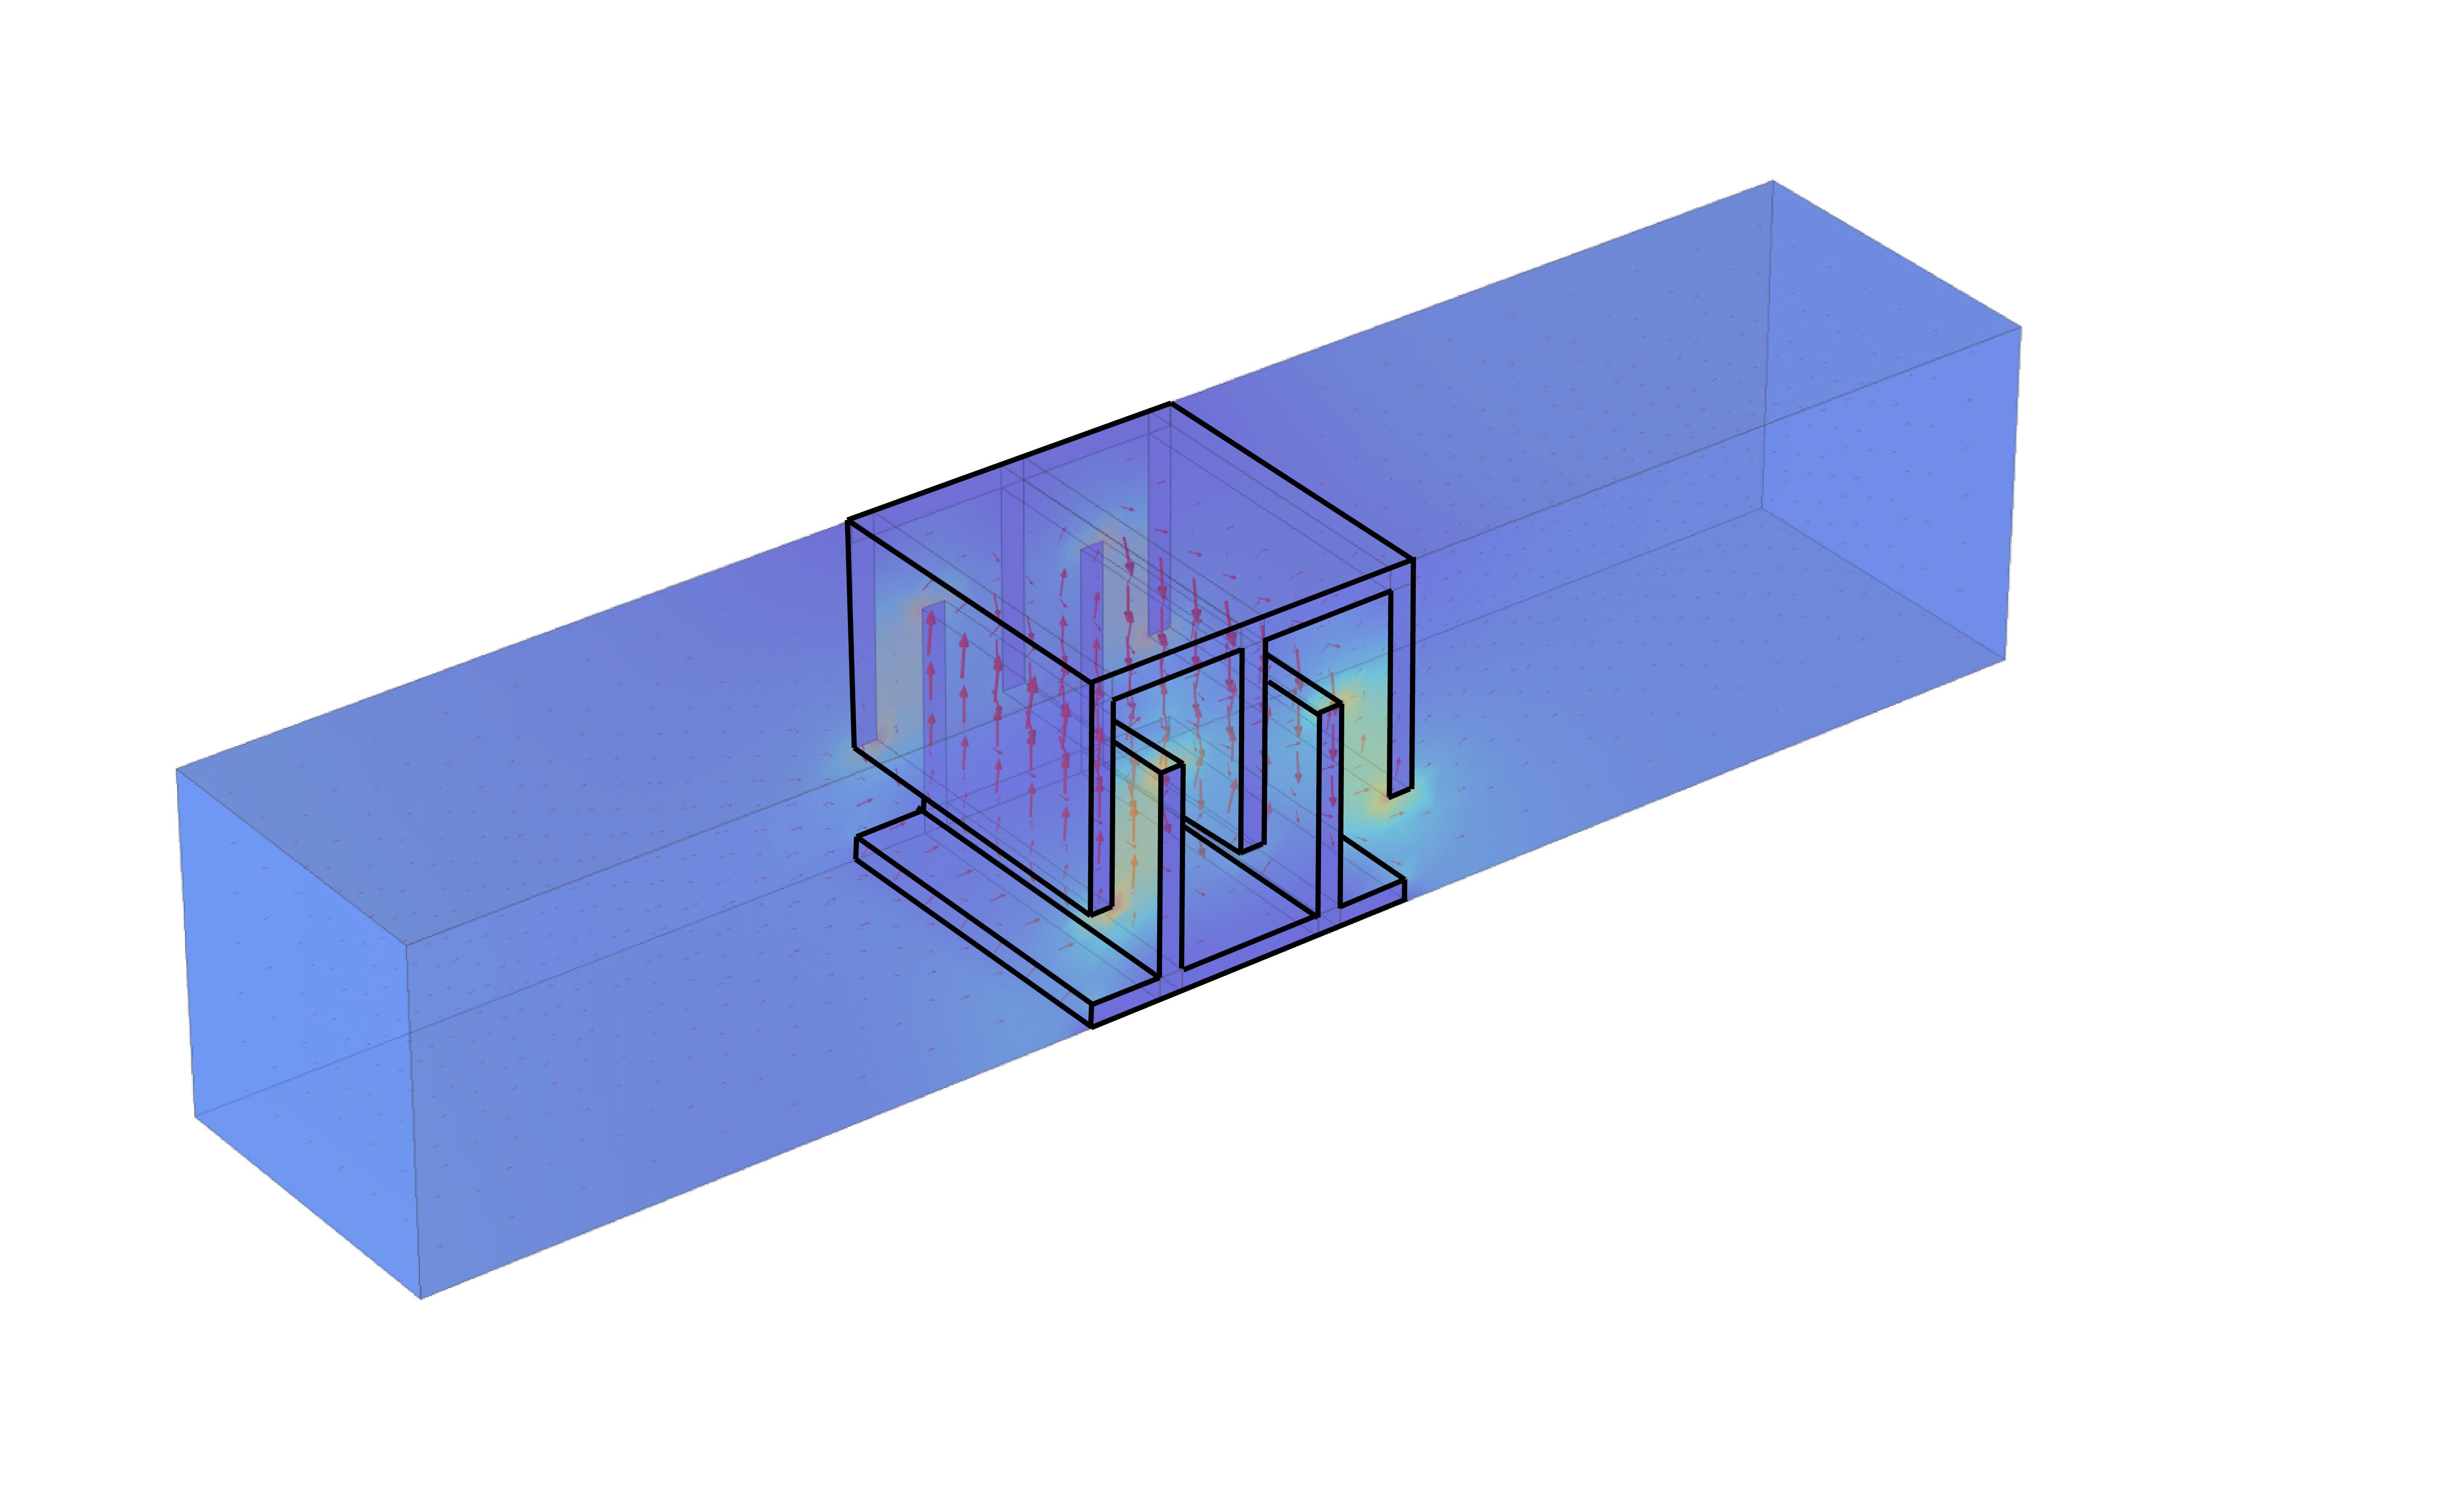 3D metamaterial simulation